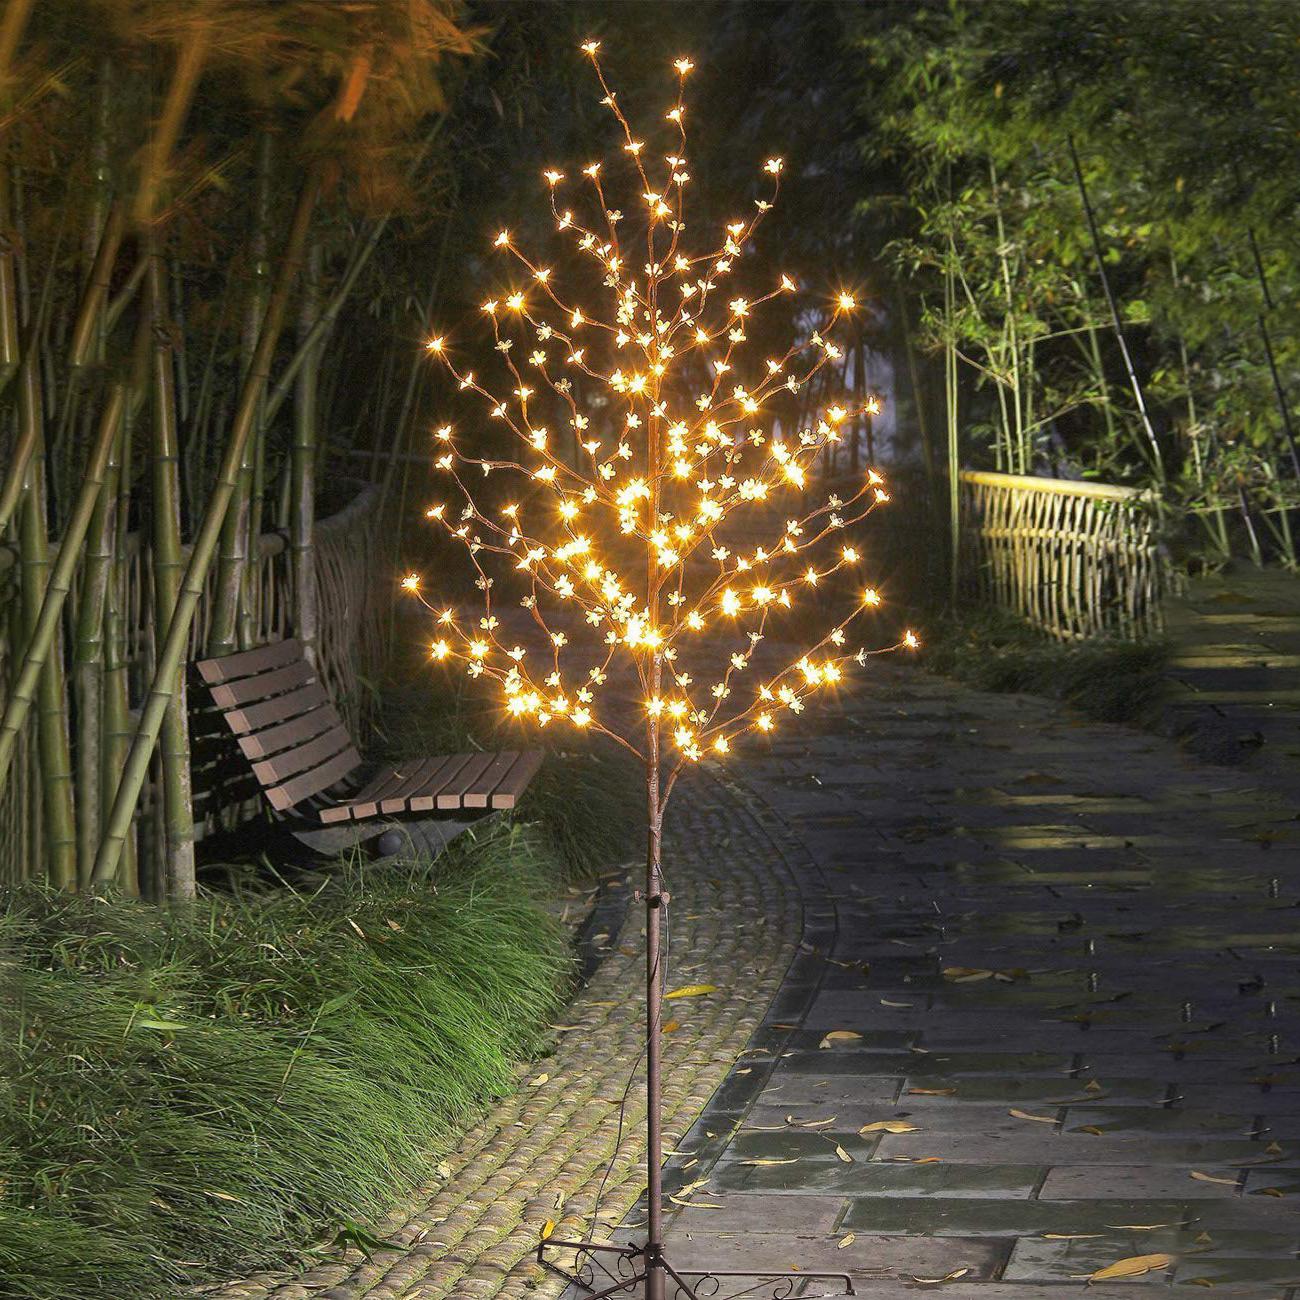 樱花树灯卧室装饰新年房间布置过年氛围灯家用树灯清吧店铺创意灯